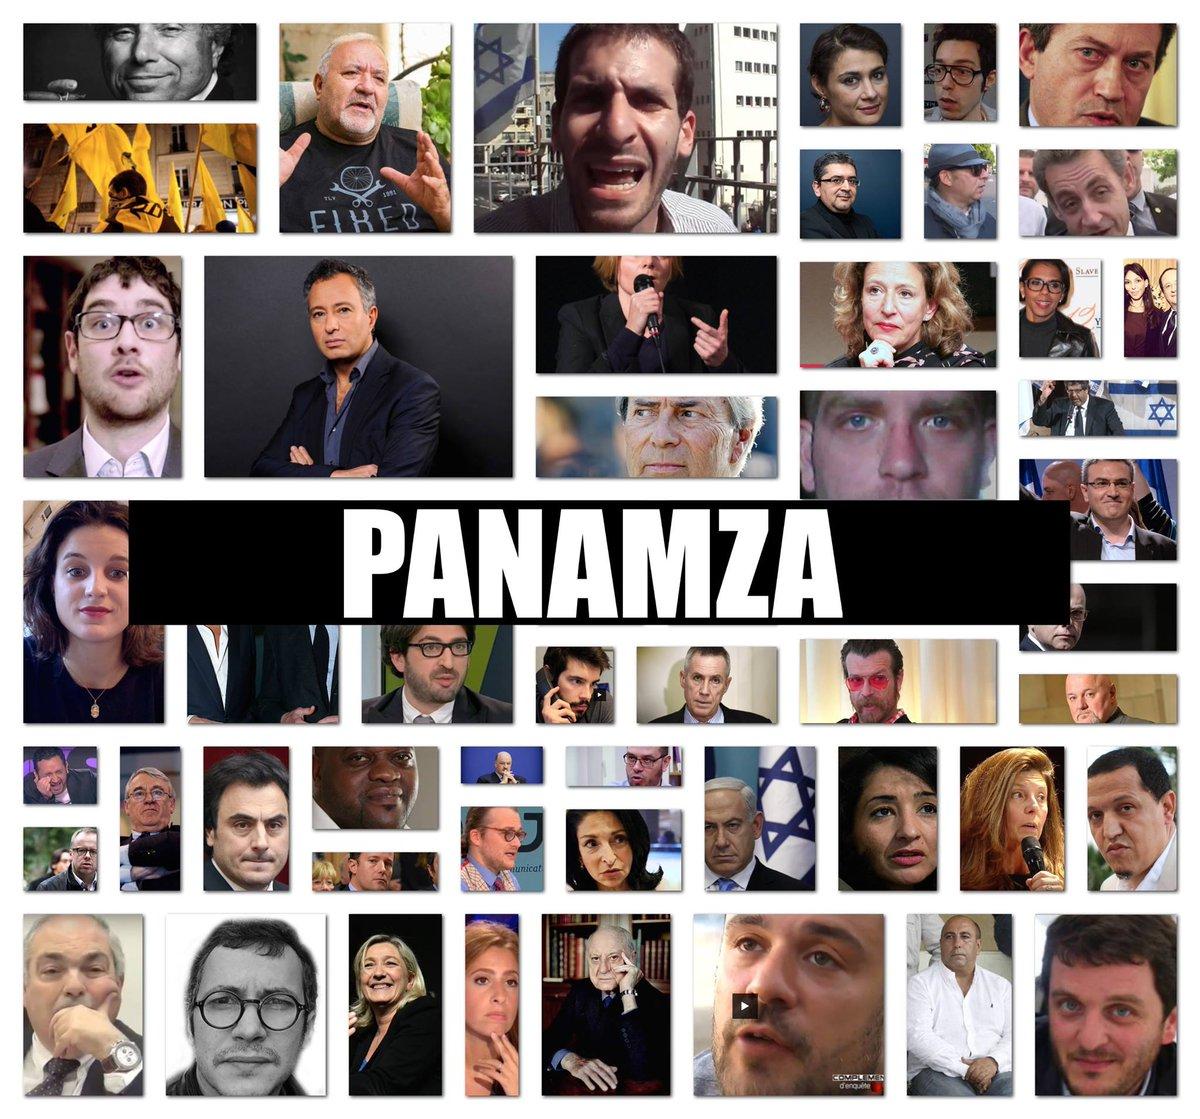 Le journalisme comme un sport de combat : Panamza célèbre ses 4 ans